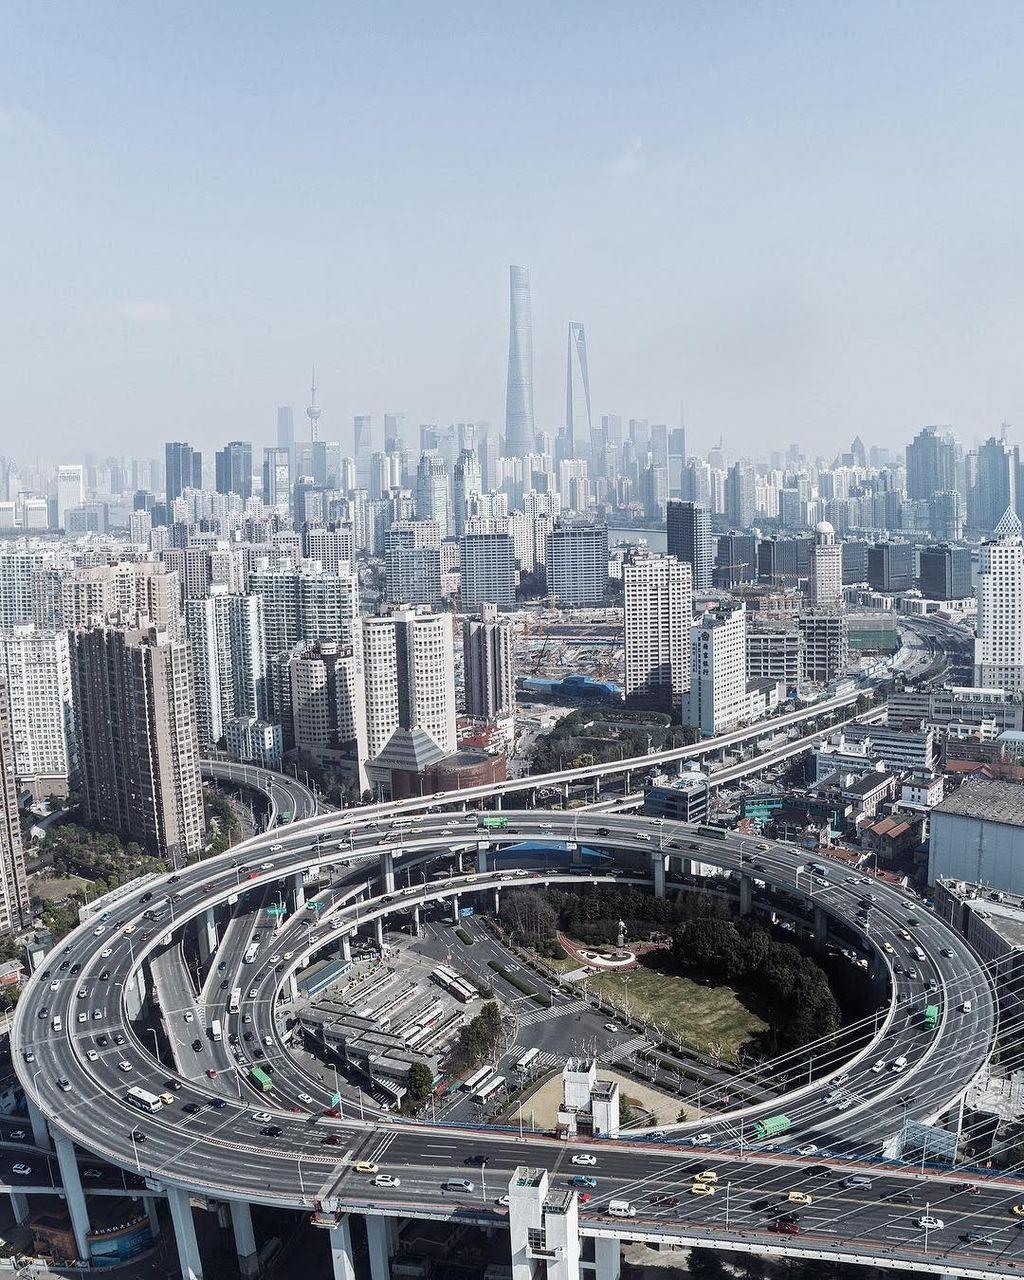 早稲田名誉教授「2040年になると、中国は日本より豊かになり、日本人は中国に出稼ぎに行く」